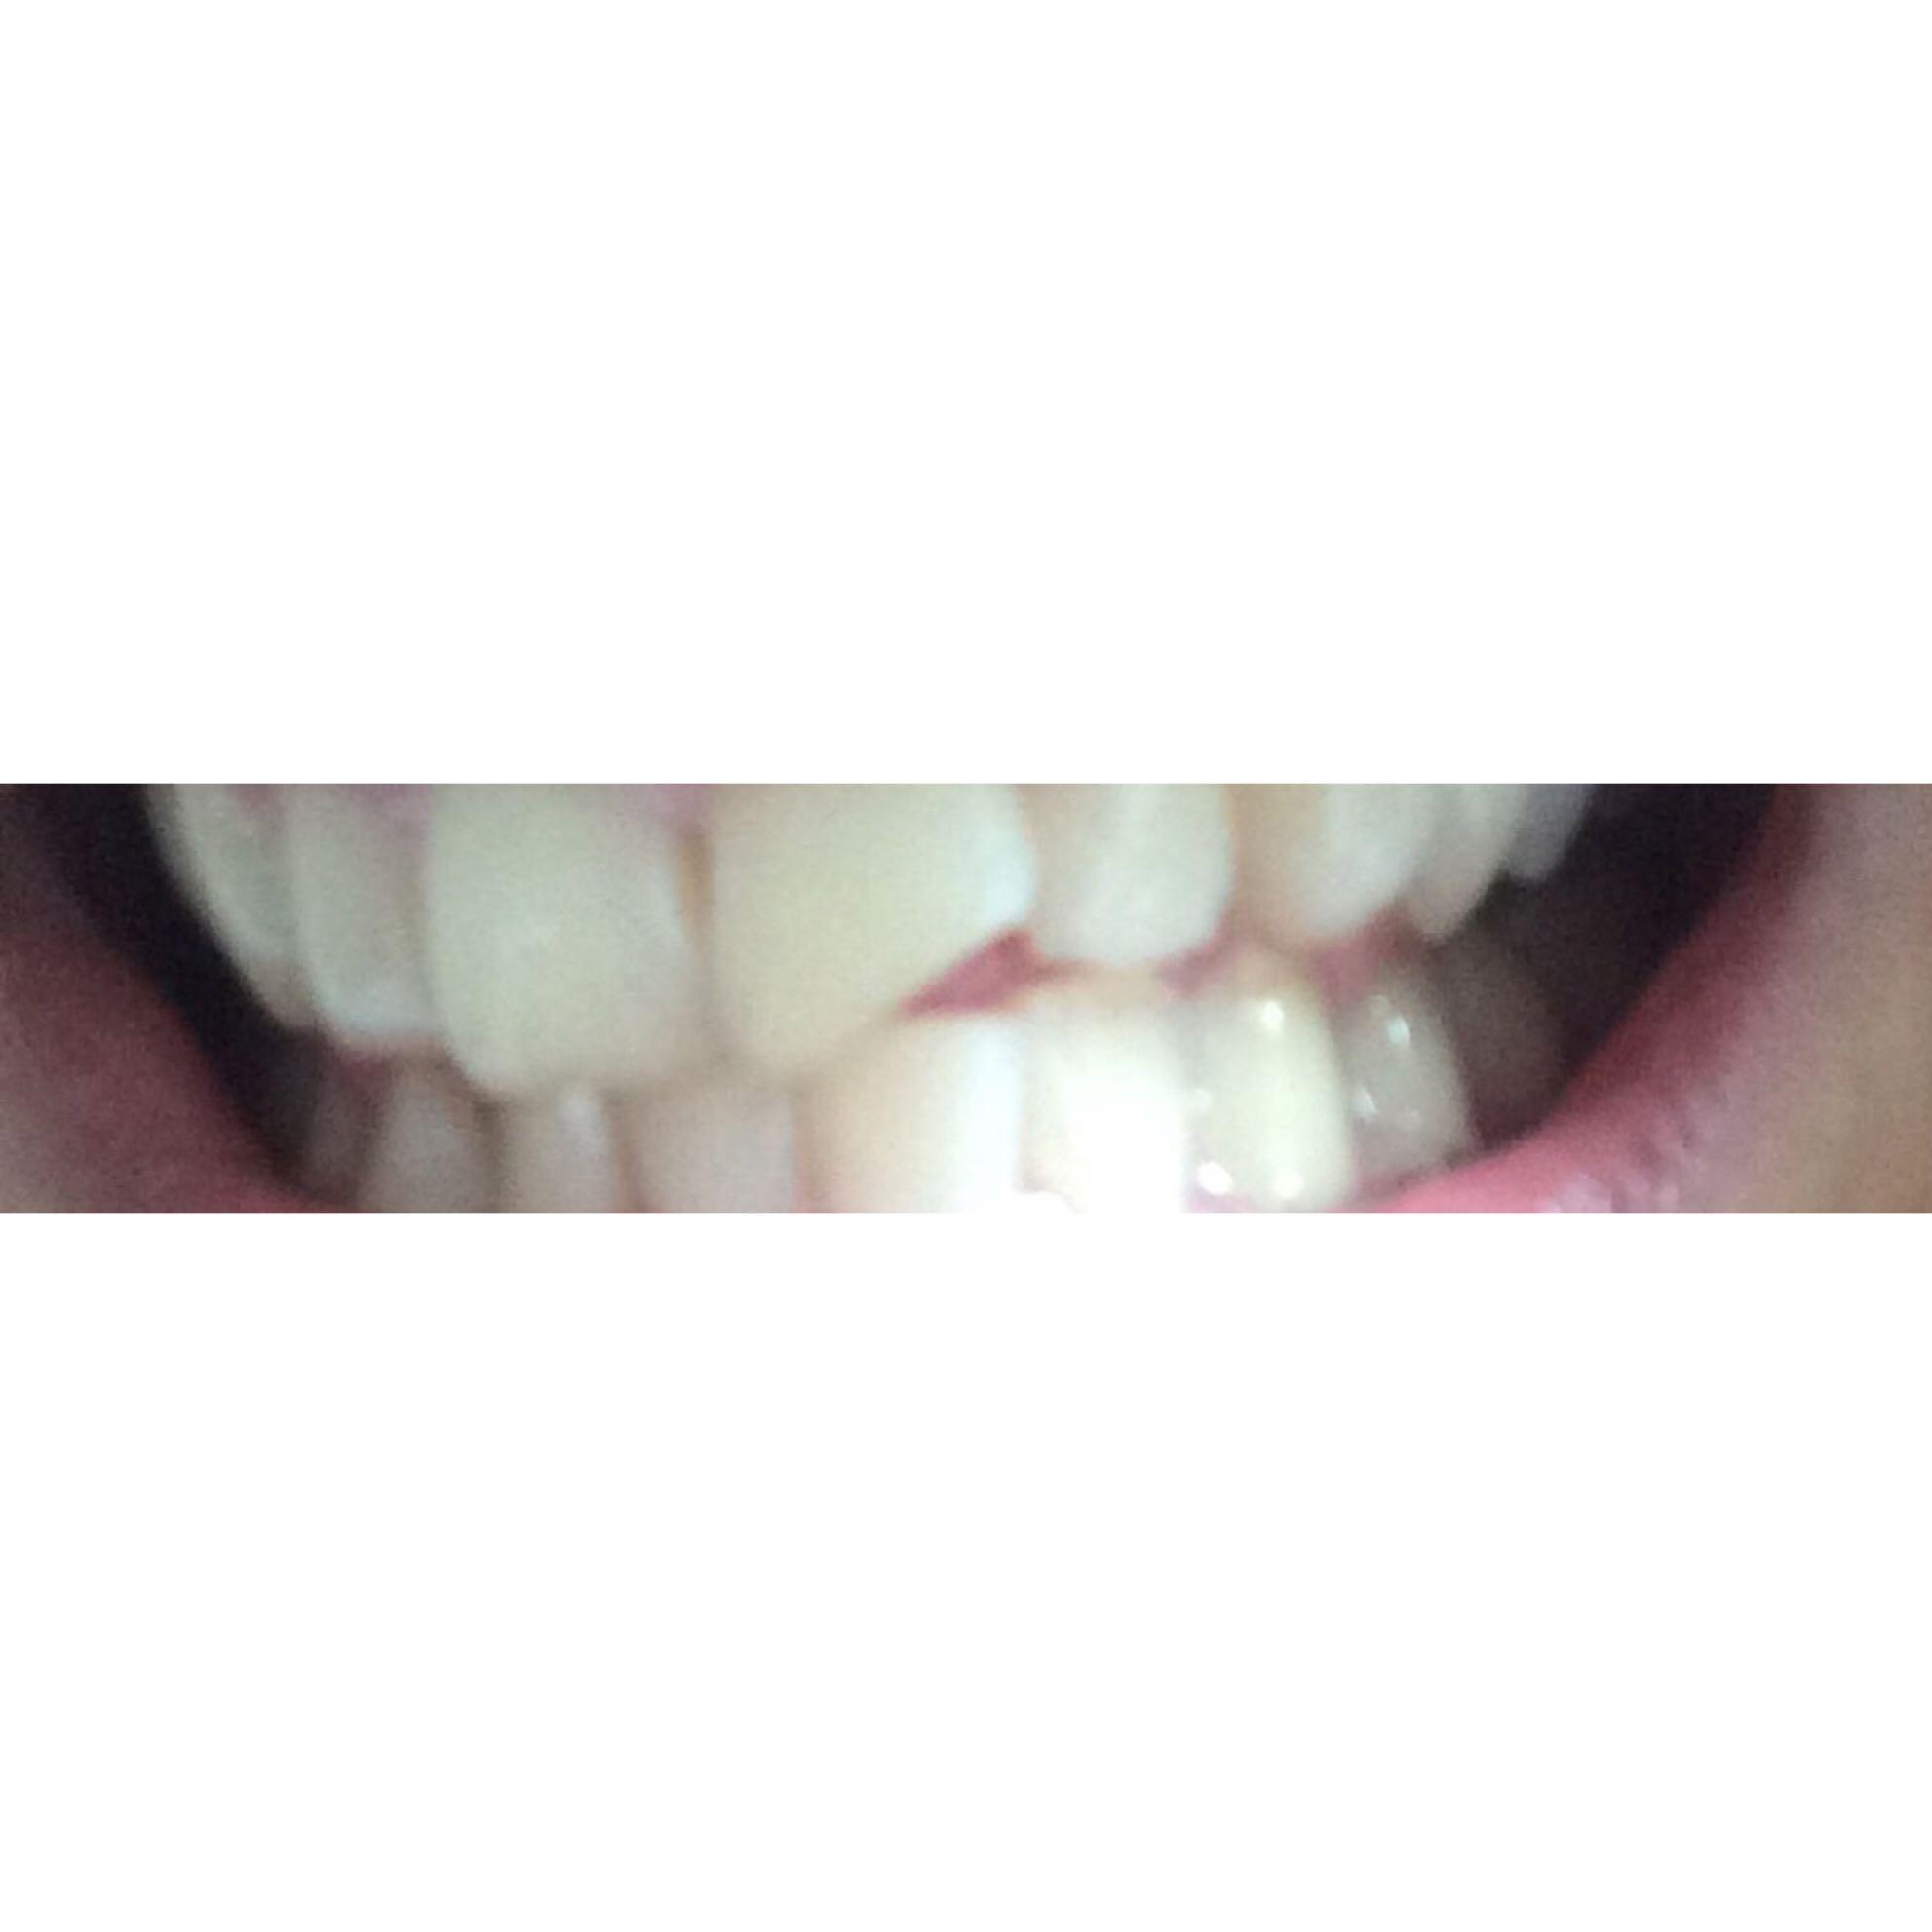 Wie bekomme ich meine Zähne wieder weiß (habe gelbe Zähne